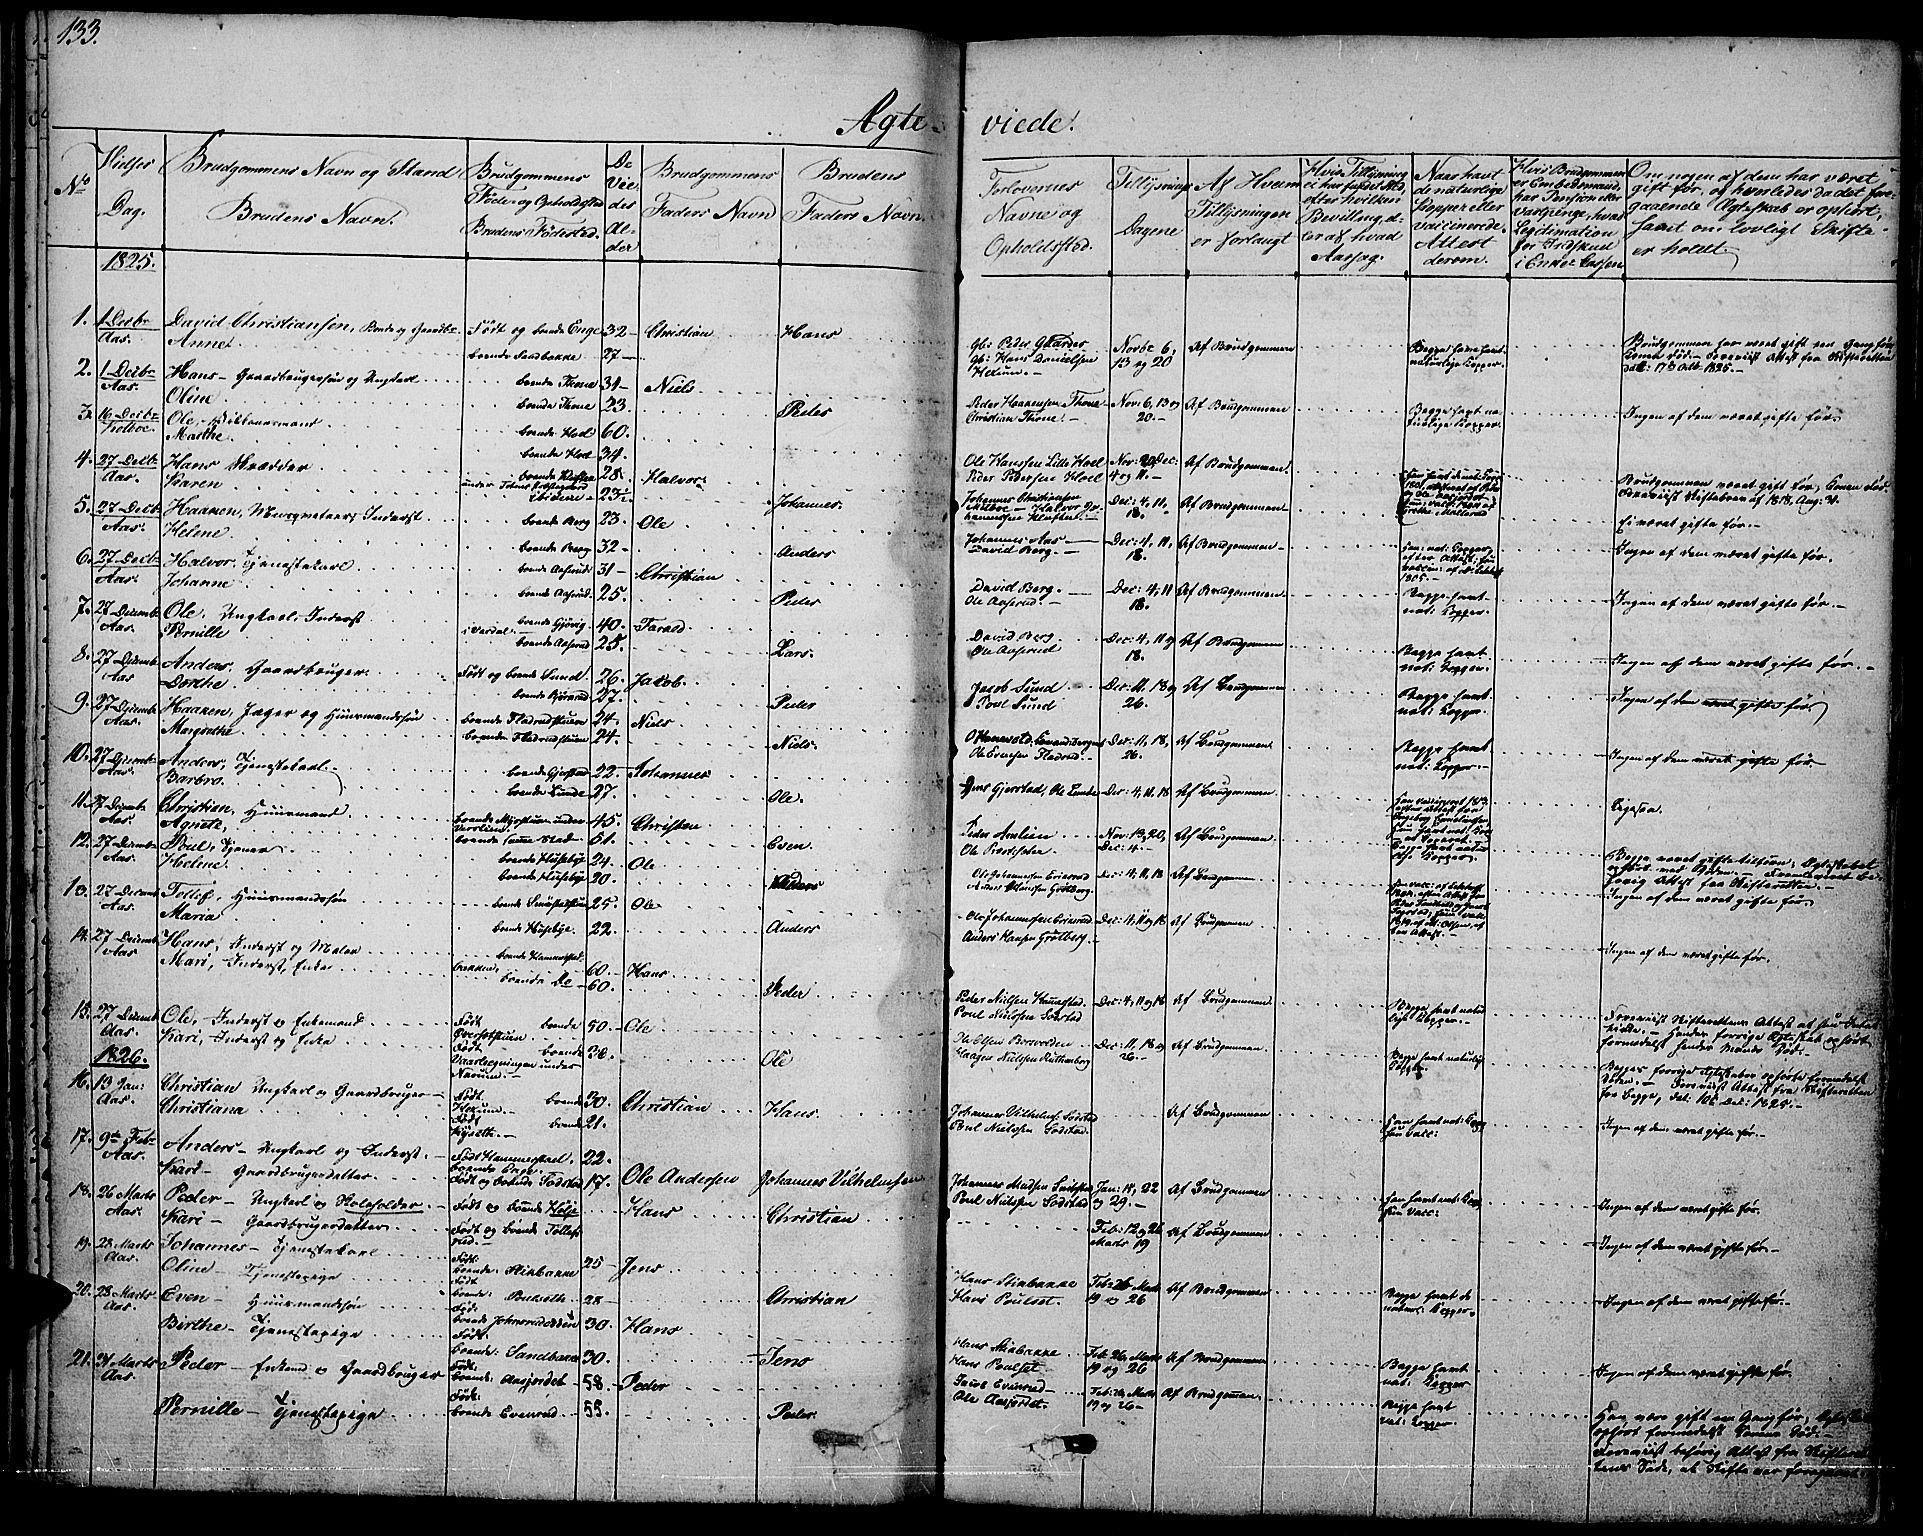 SAH, Vestre Toten prestekontor, Ministerialbok nr. 2, 1825-1837, s. 133